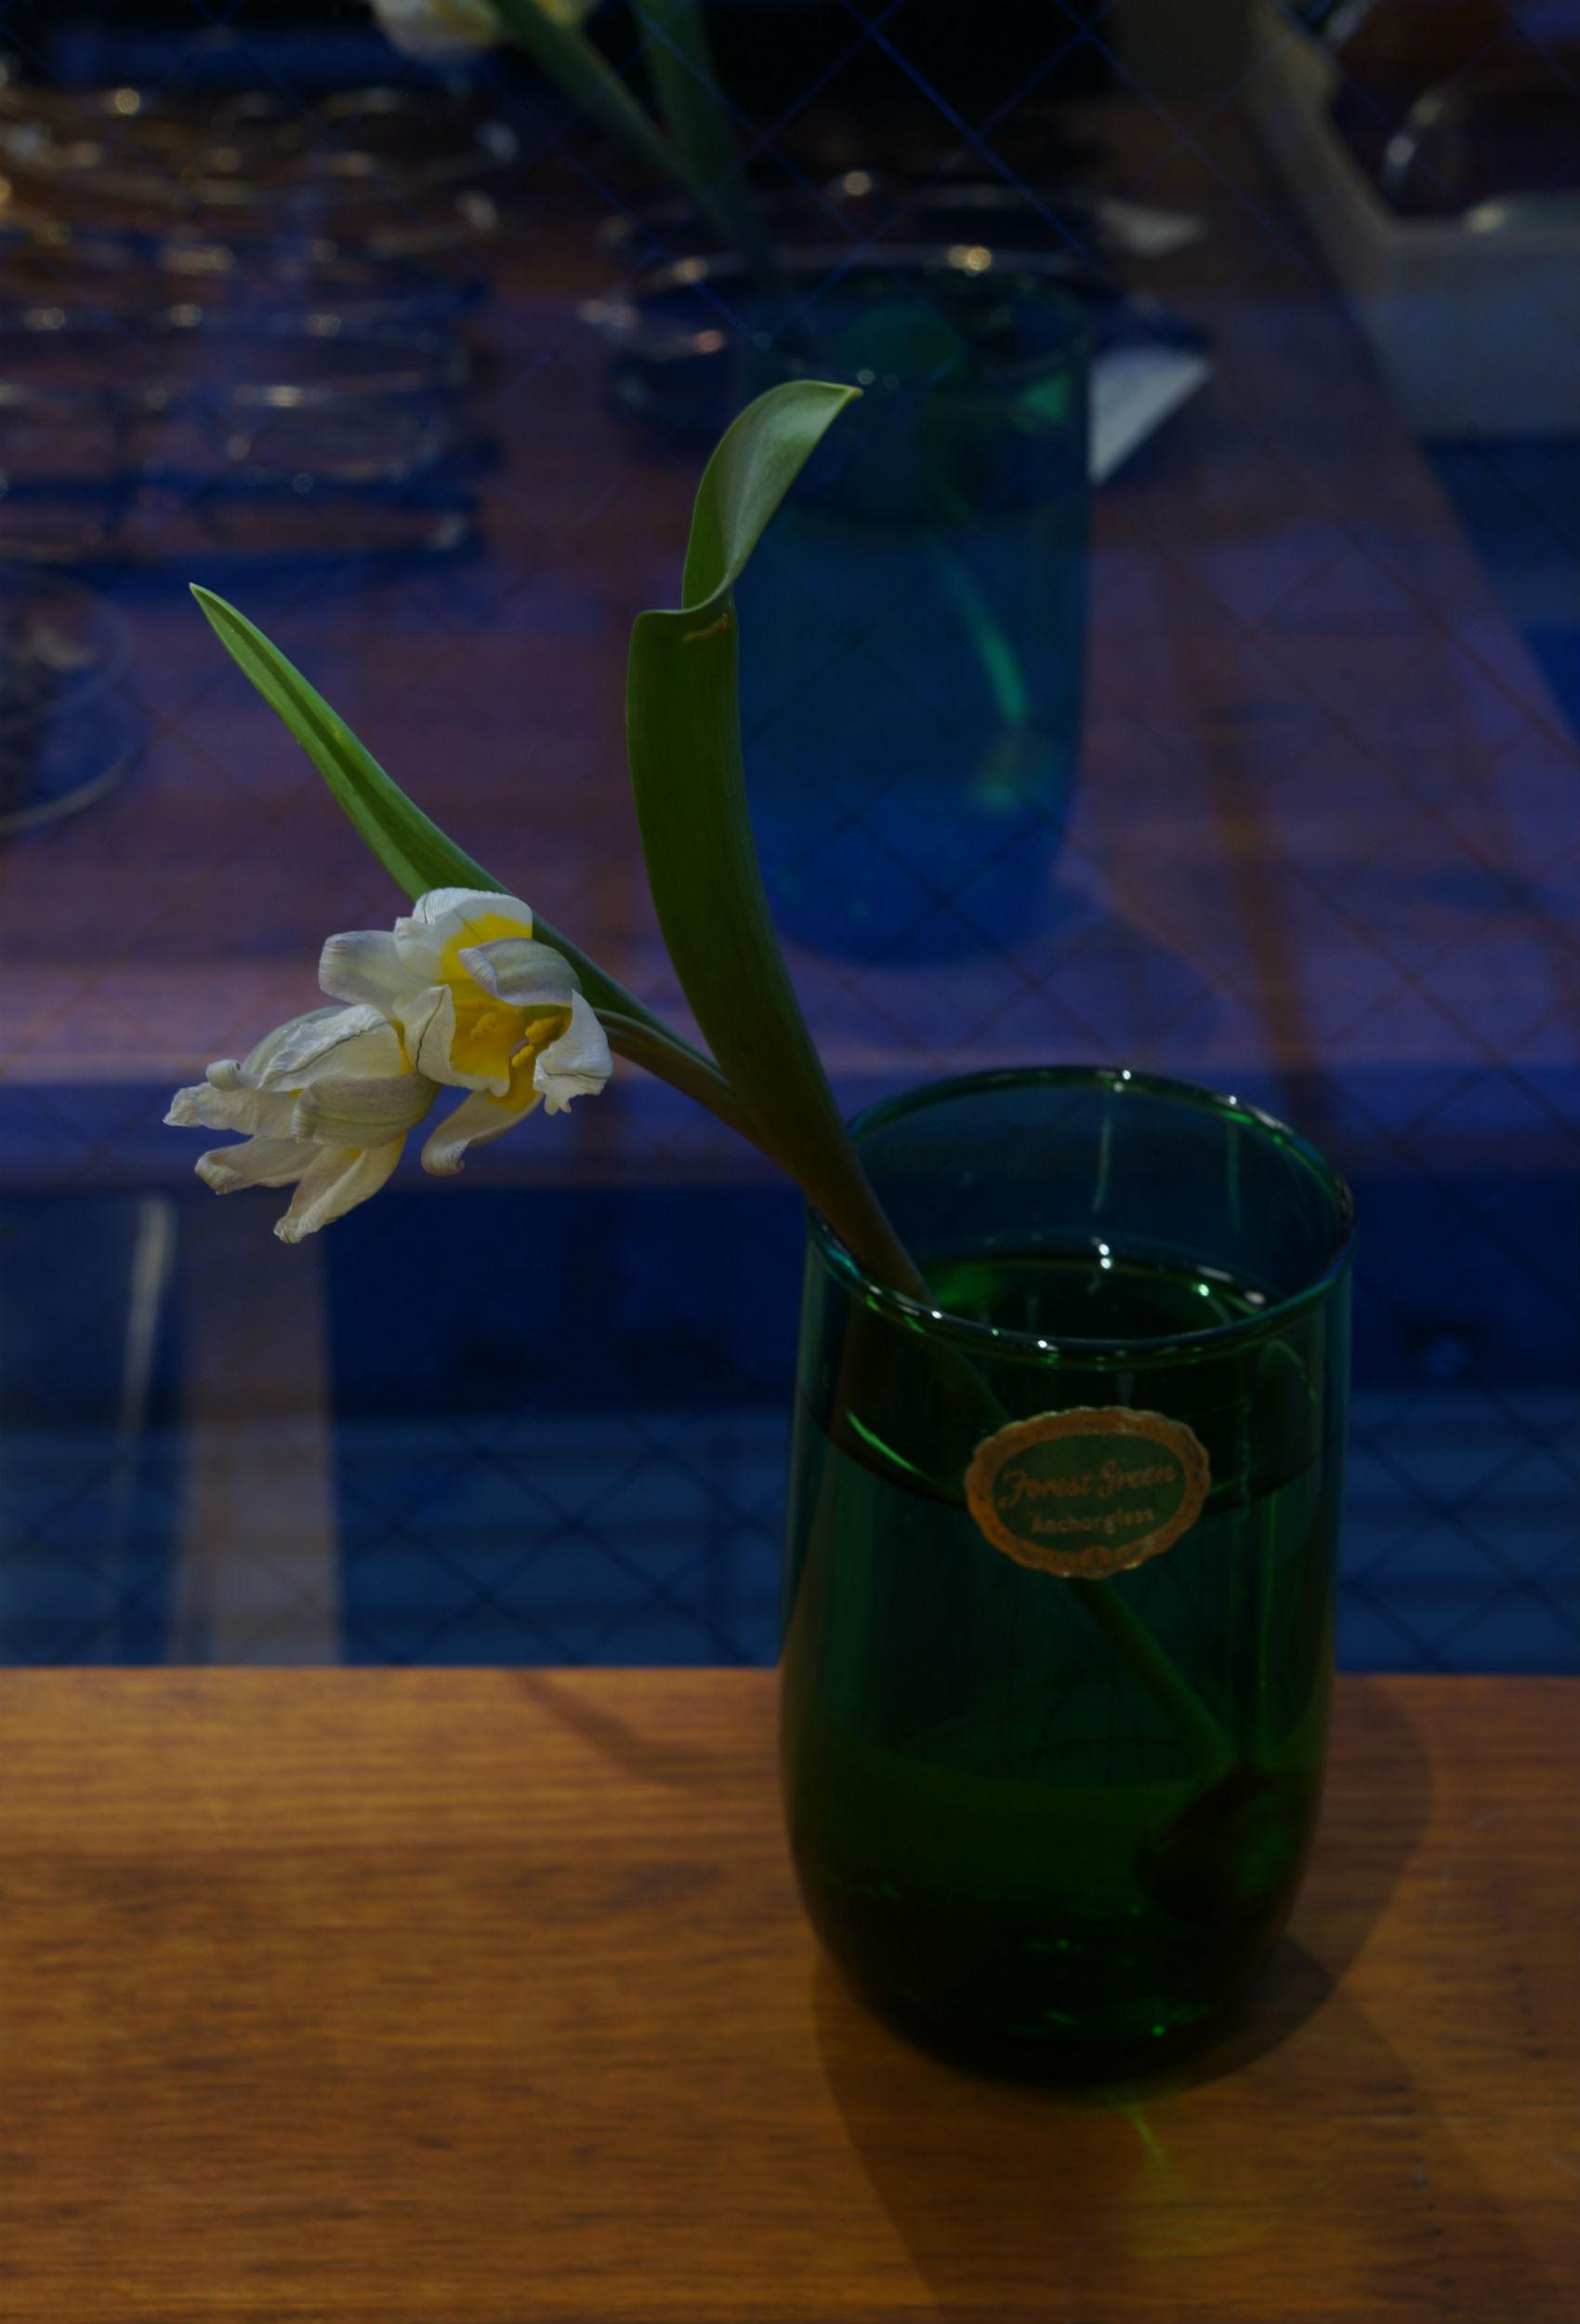 PONMEGANE-SHOPの花